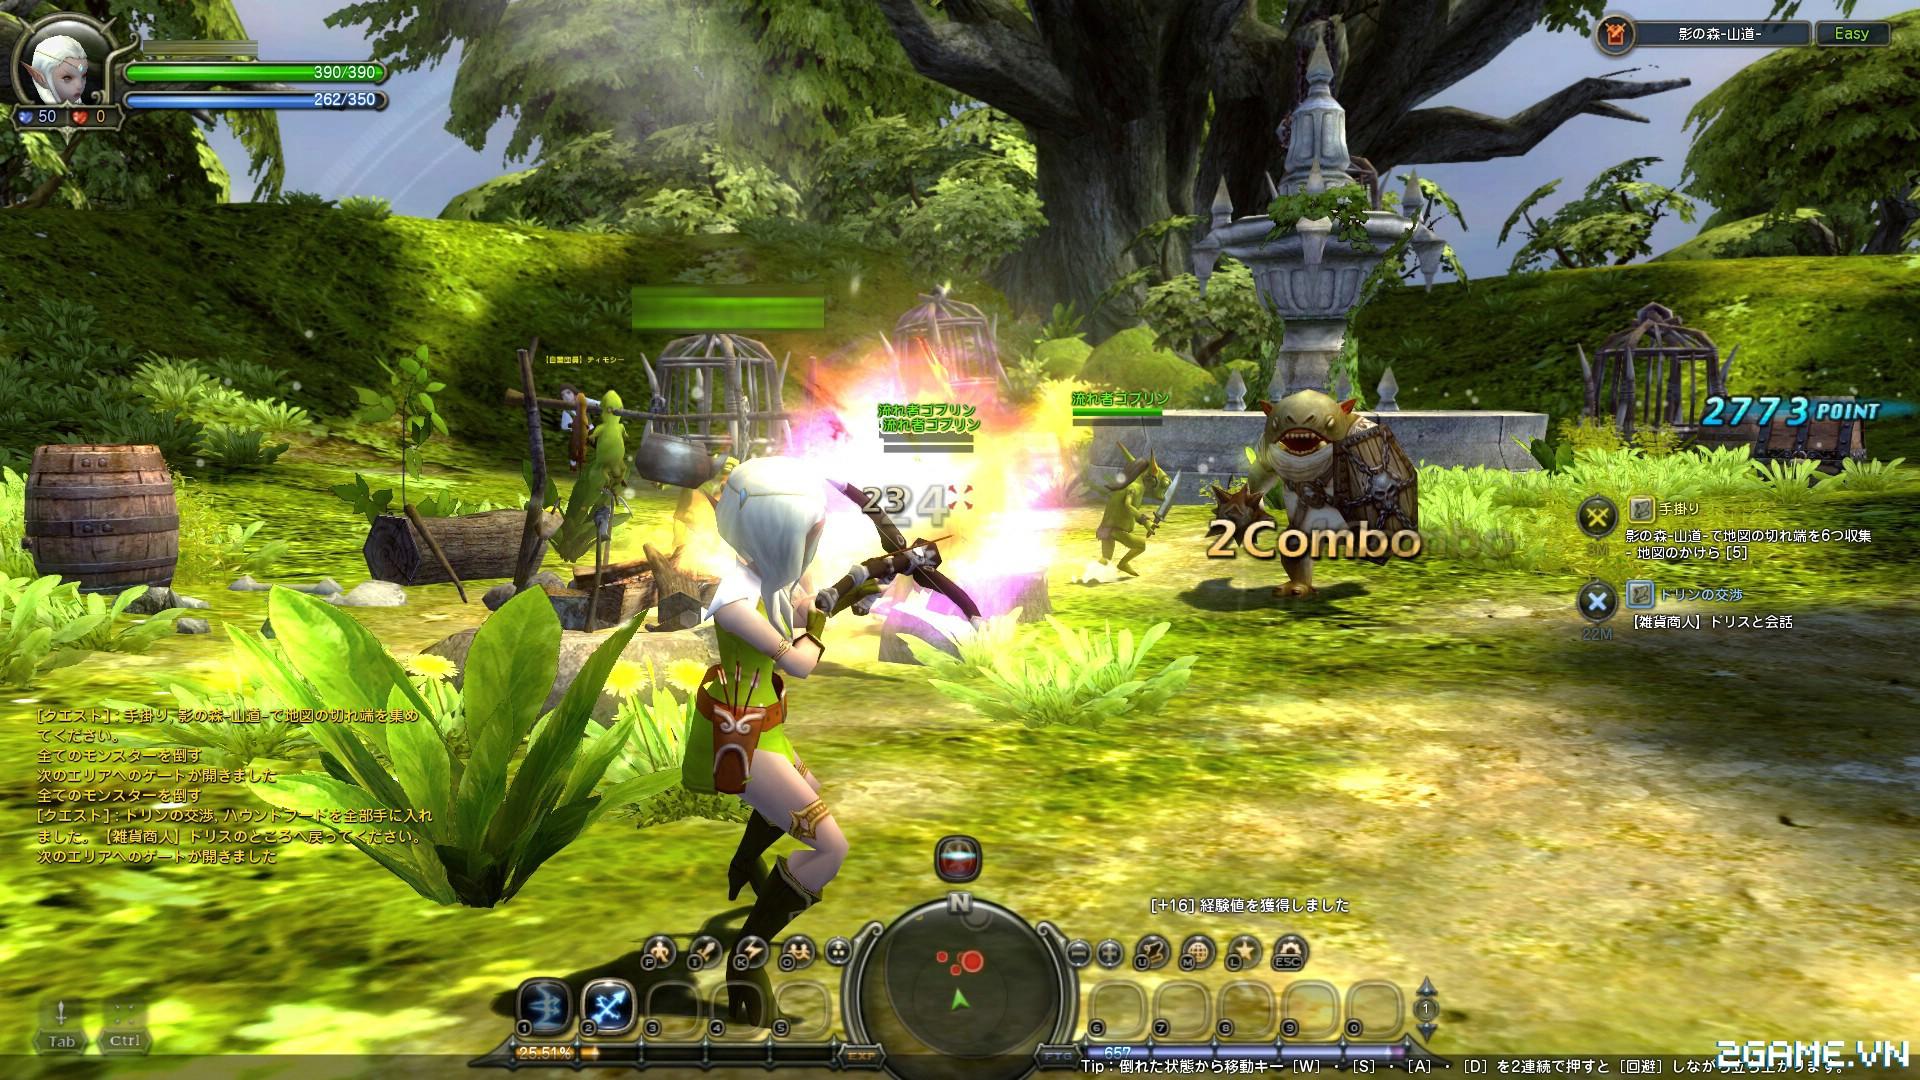 Nhìn lại lịch sử phát triển game Dragon Nest trong lúc chờ Dragon Nest Mobile - VNG ra mắt 2